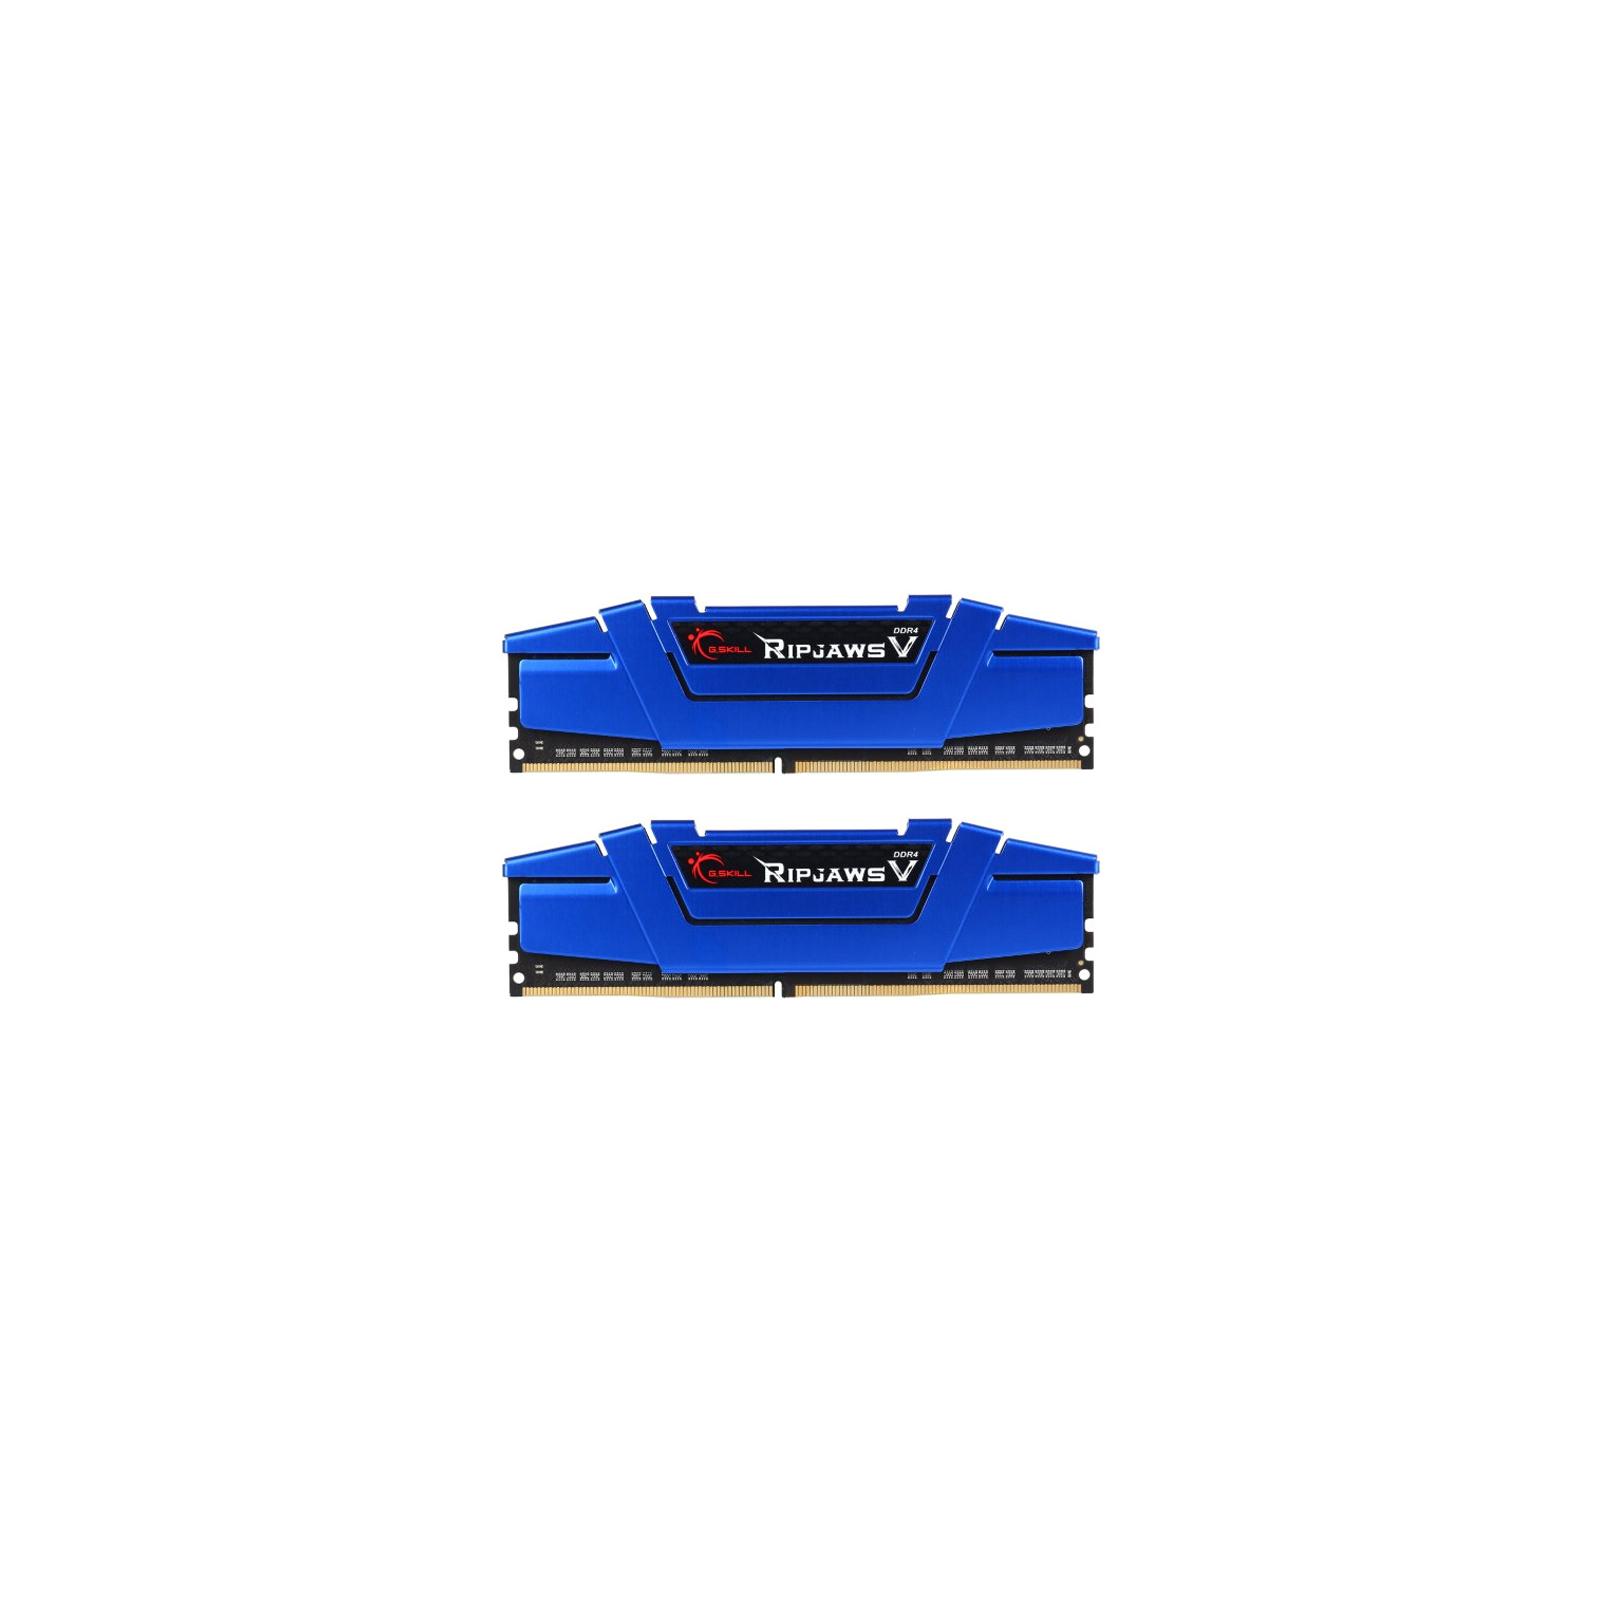 Модуль памяти для компьютера DDR4 16GB (2x8GB) 2400 MHz Ripjaws V G.Skill (F4-2400C15D-16GVB)